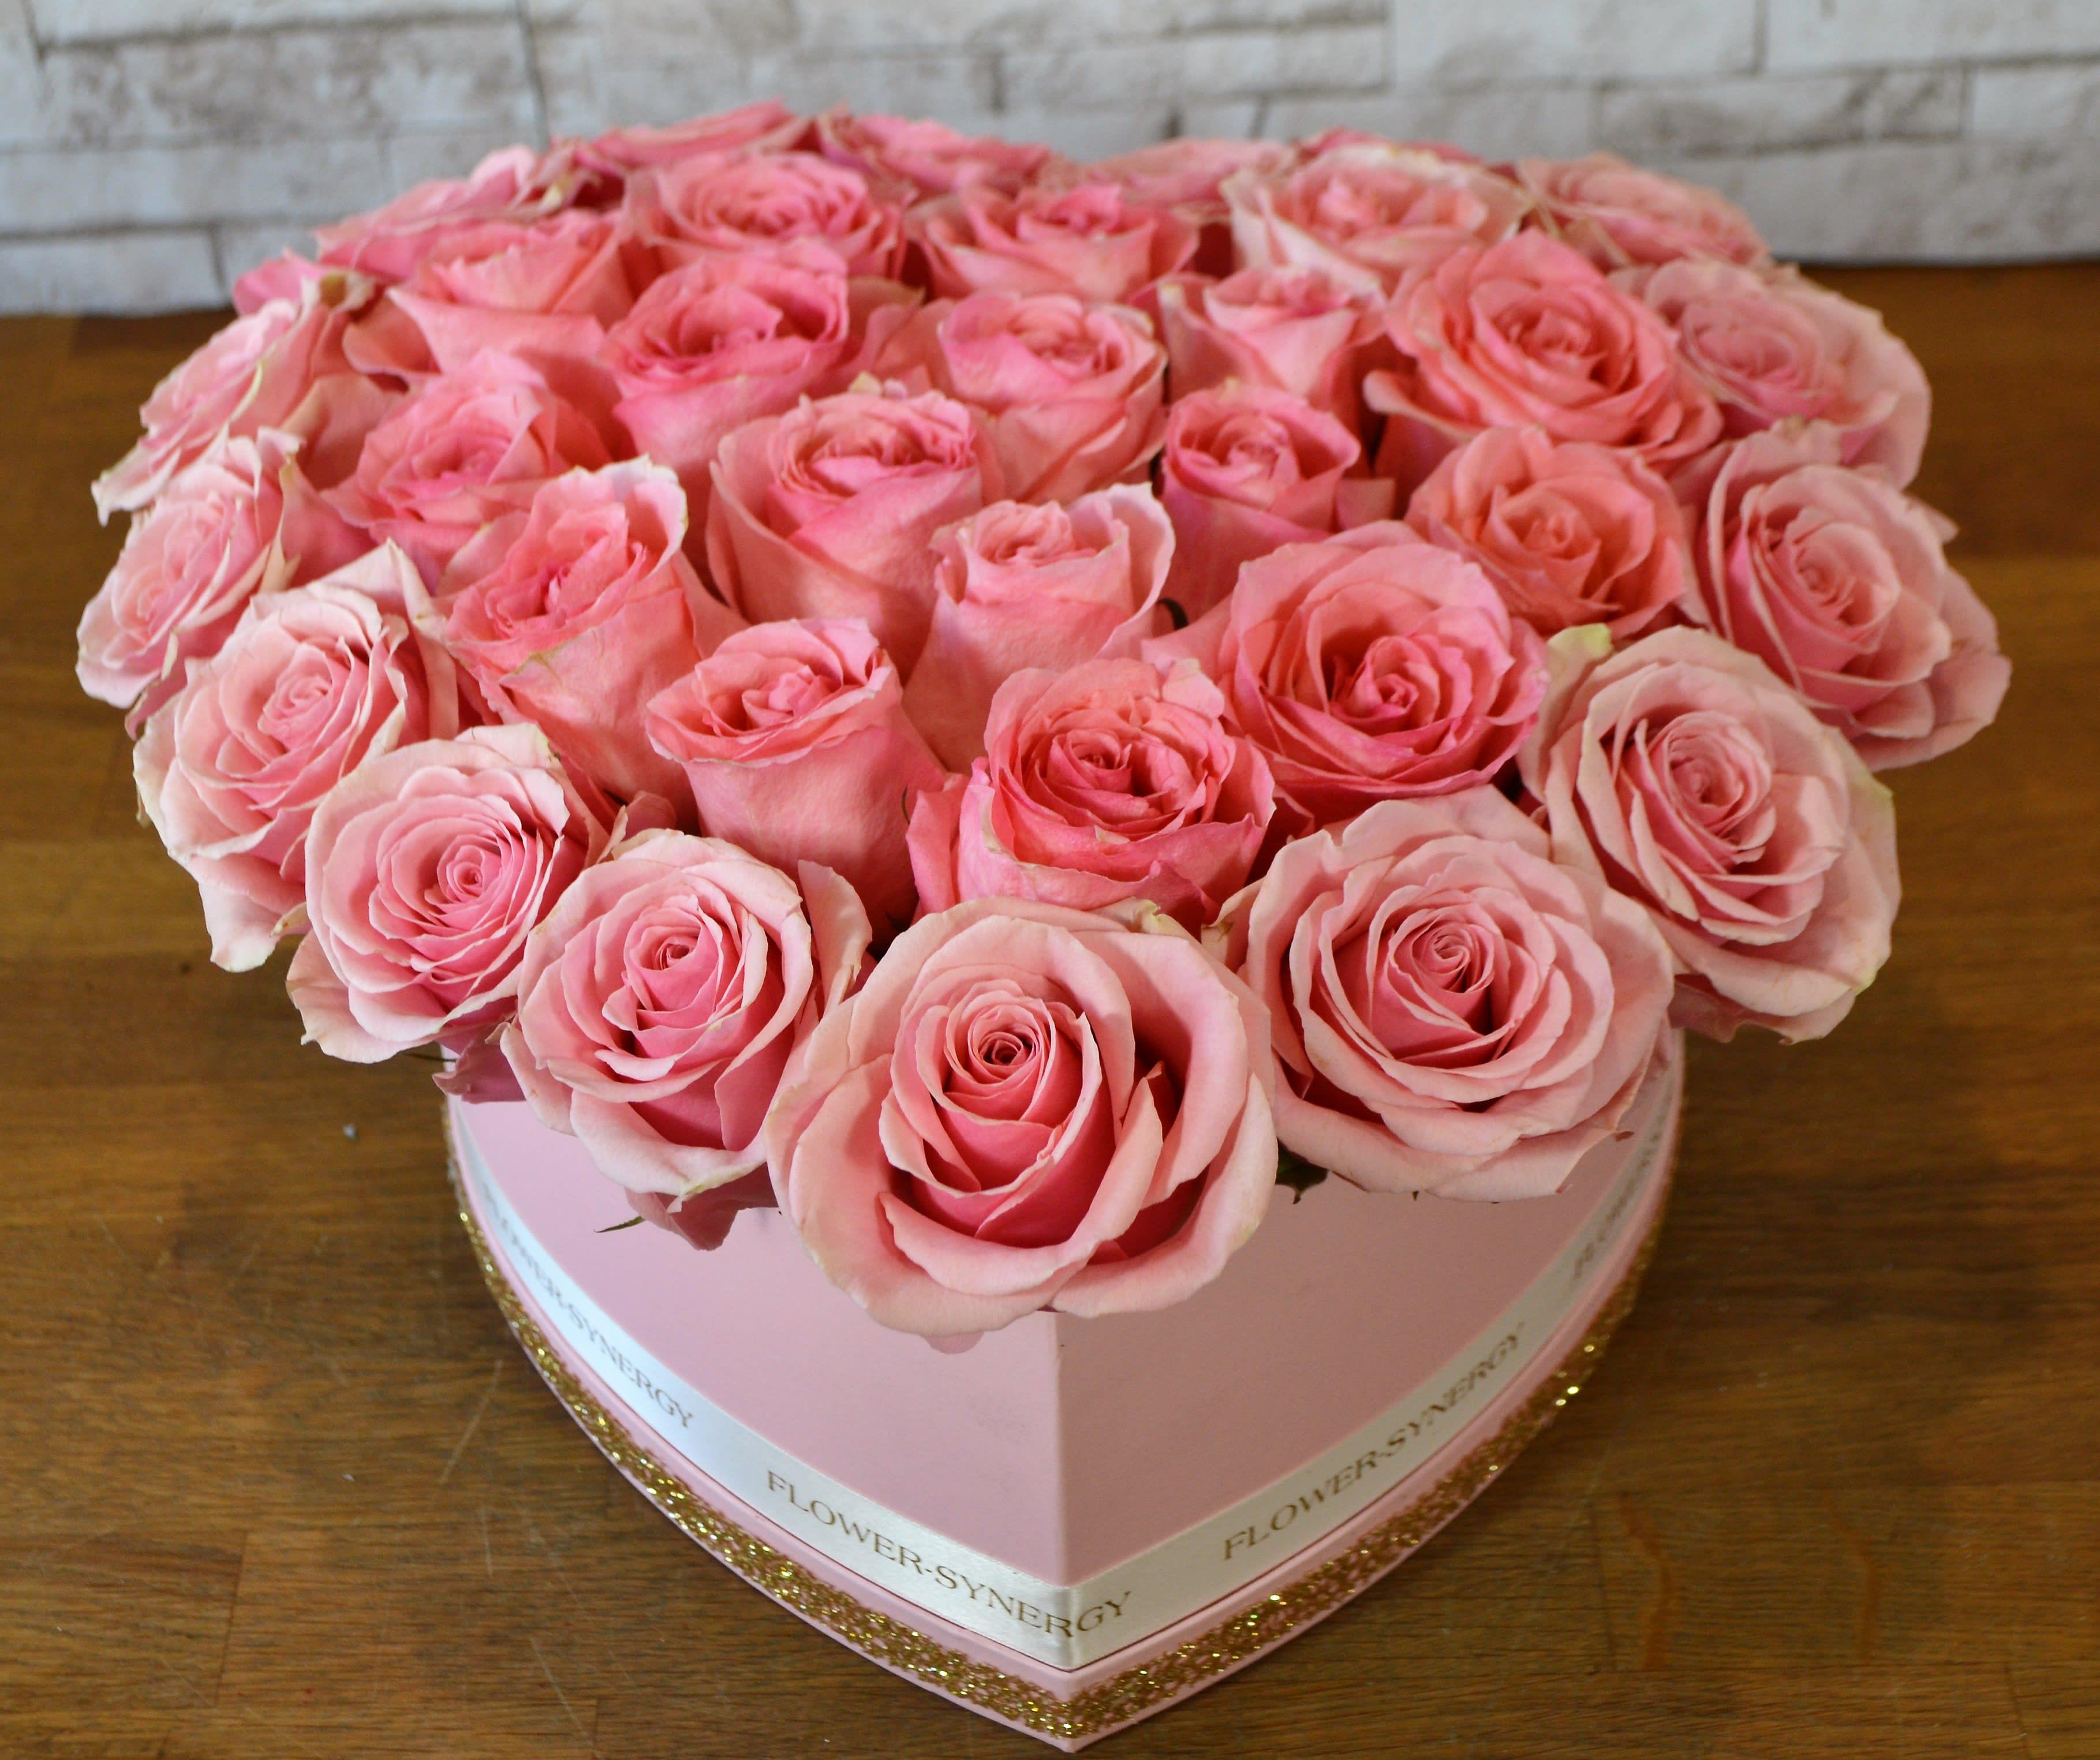 Резултат со слика за photos of pink roses